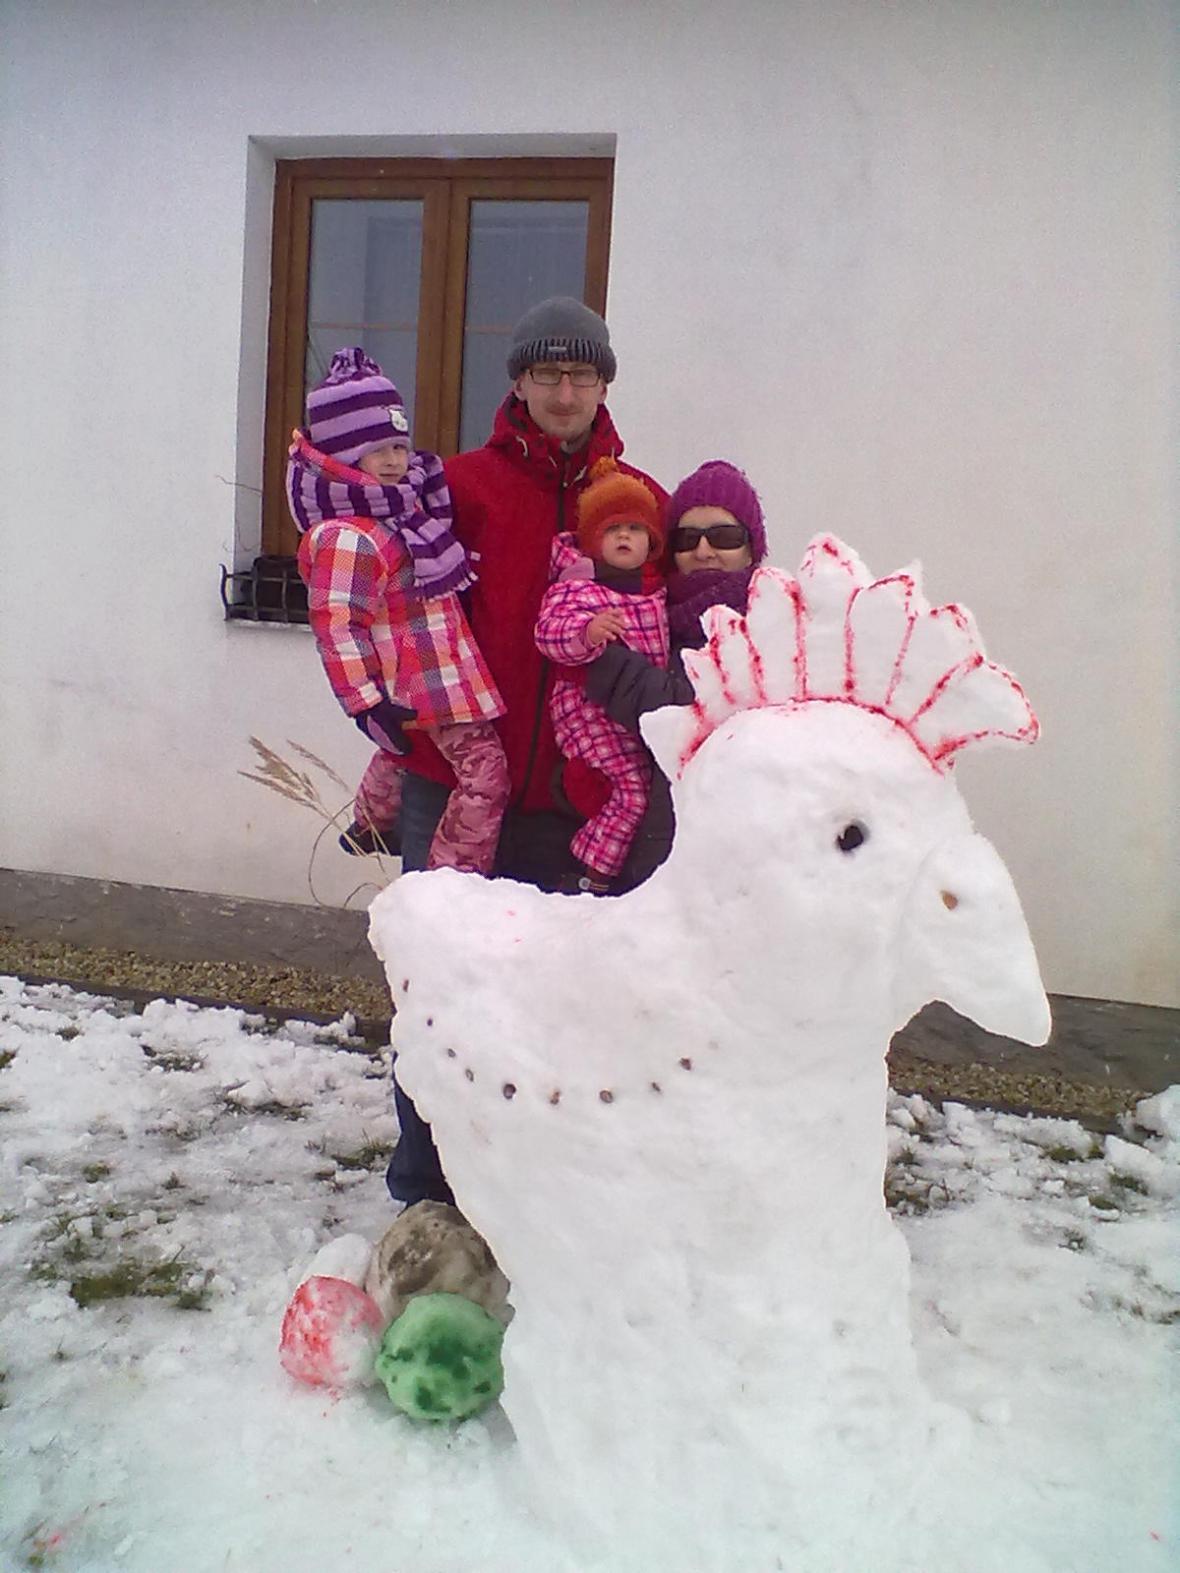 Soutěž o nejhezčího velikonočního sněhuláka